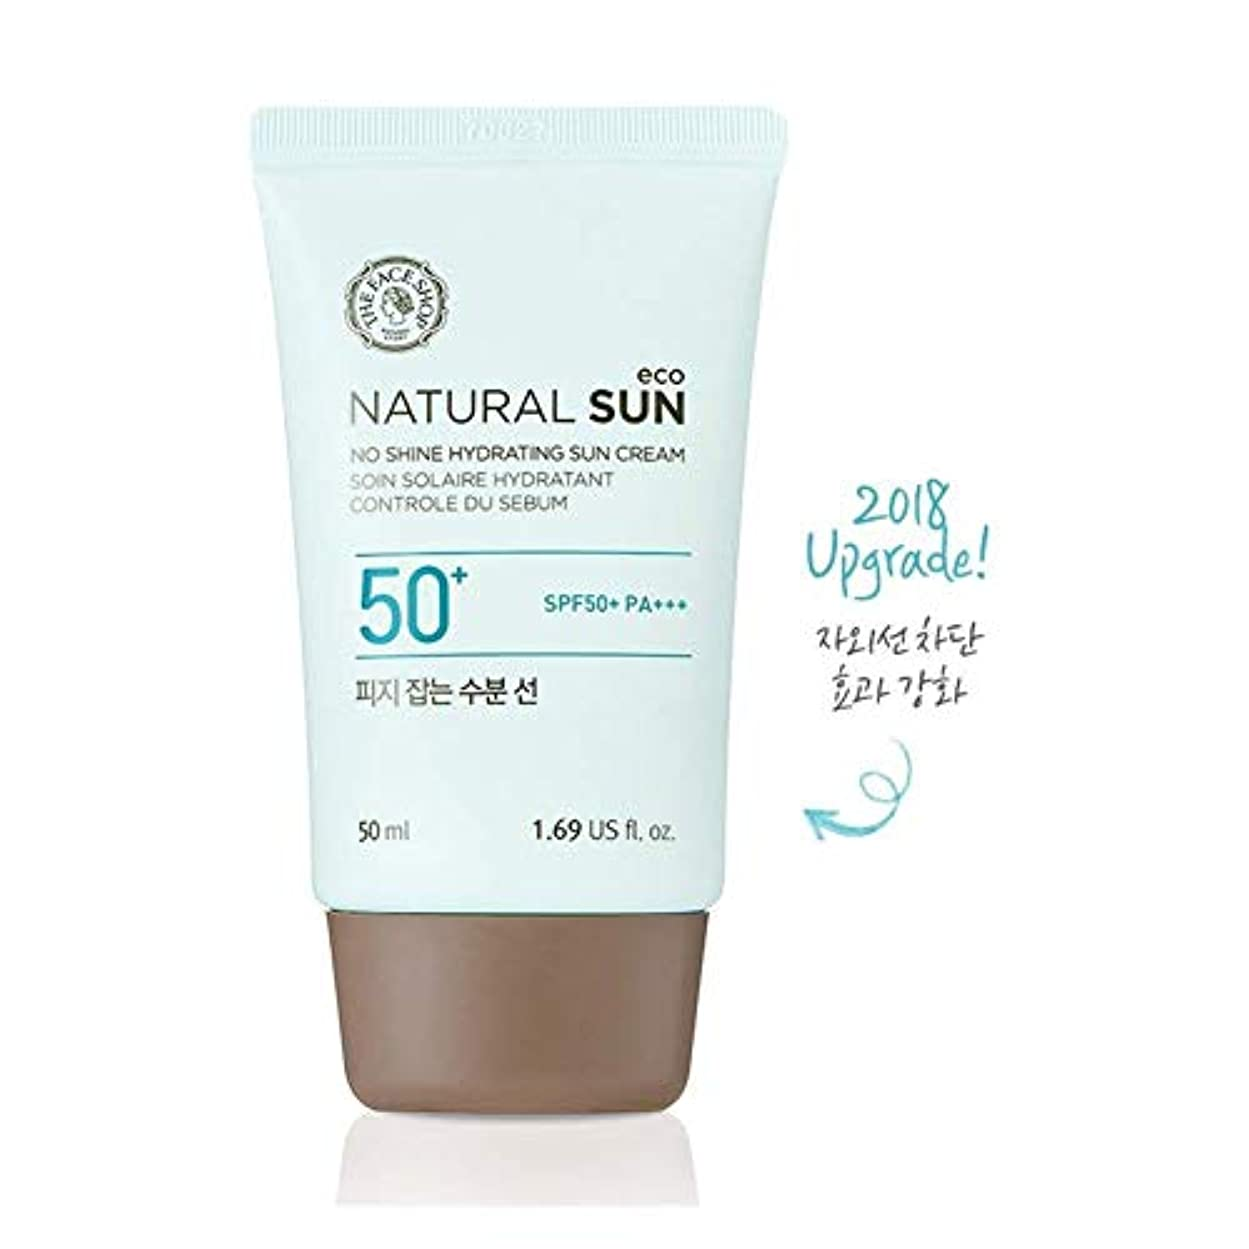 推測するぼかし相反するザ?フェイスショップ ネチュロルソンエコフィジーサン?クリーム SPF50+PA+++50ml 韓国コスメ、The Face Shop Natural Sun Eco No Shine Hydrating Sun Cream...